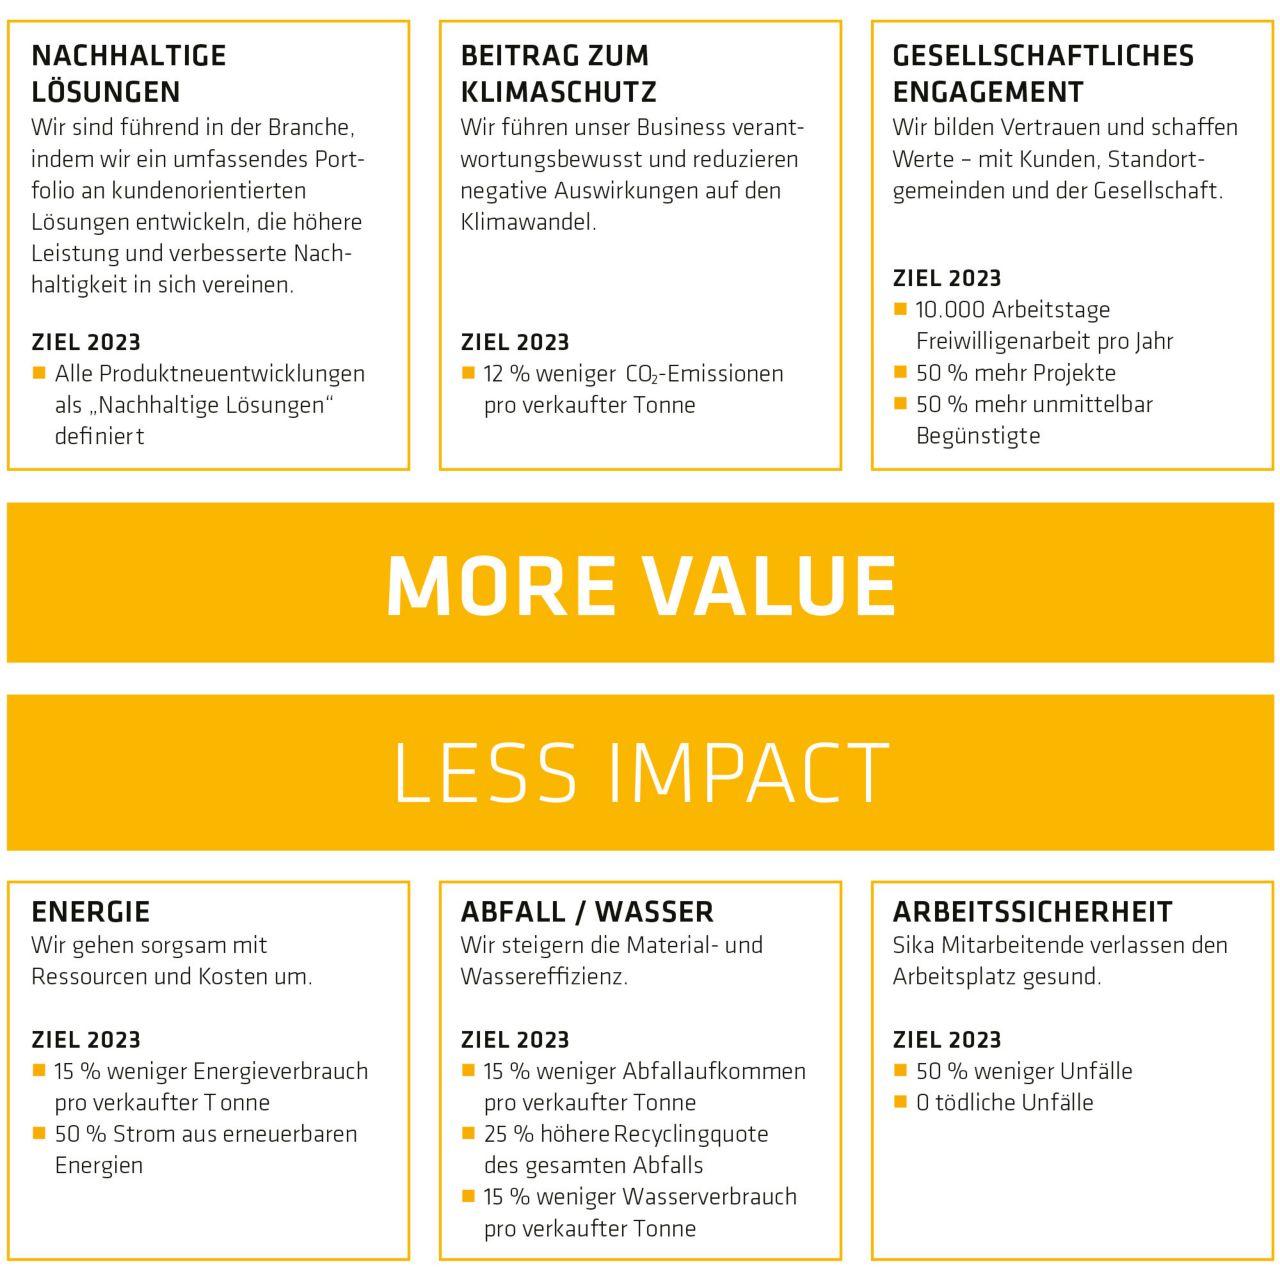 Grafik Sika Nachhaltigkeitsstrategie More Value, Less Impact